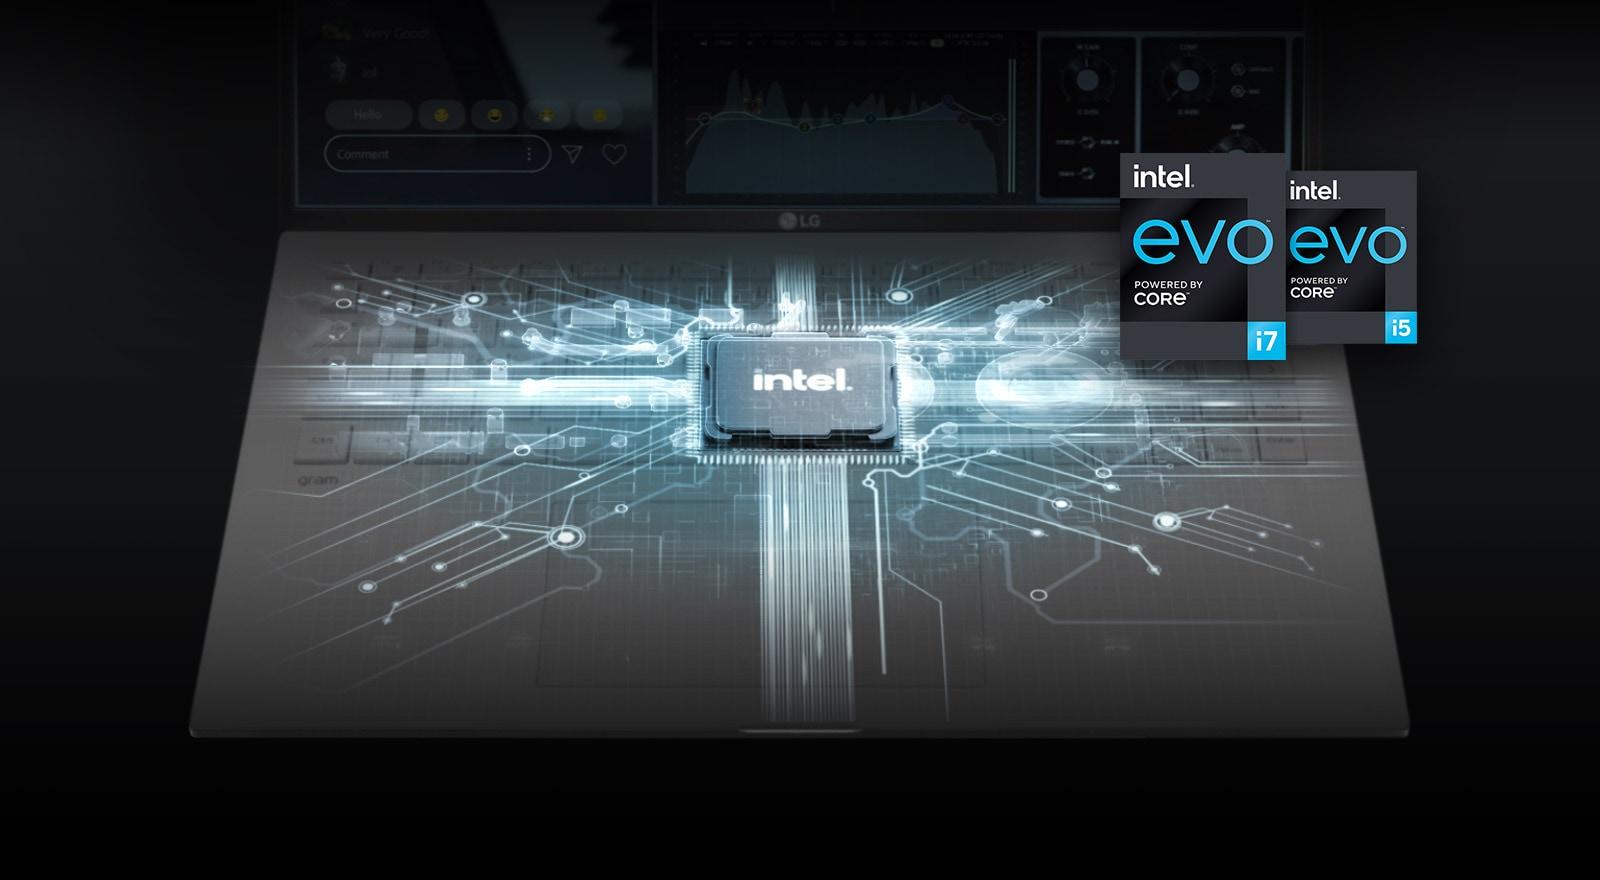 CPU Intel® thế hệ thứ 11 mang lại hiệu năng mạnh mẽ với Bộ vi xử lý và Bộ nhớ hệ thống mới nhất